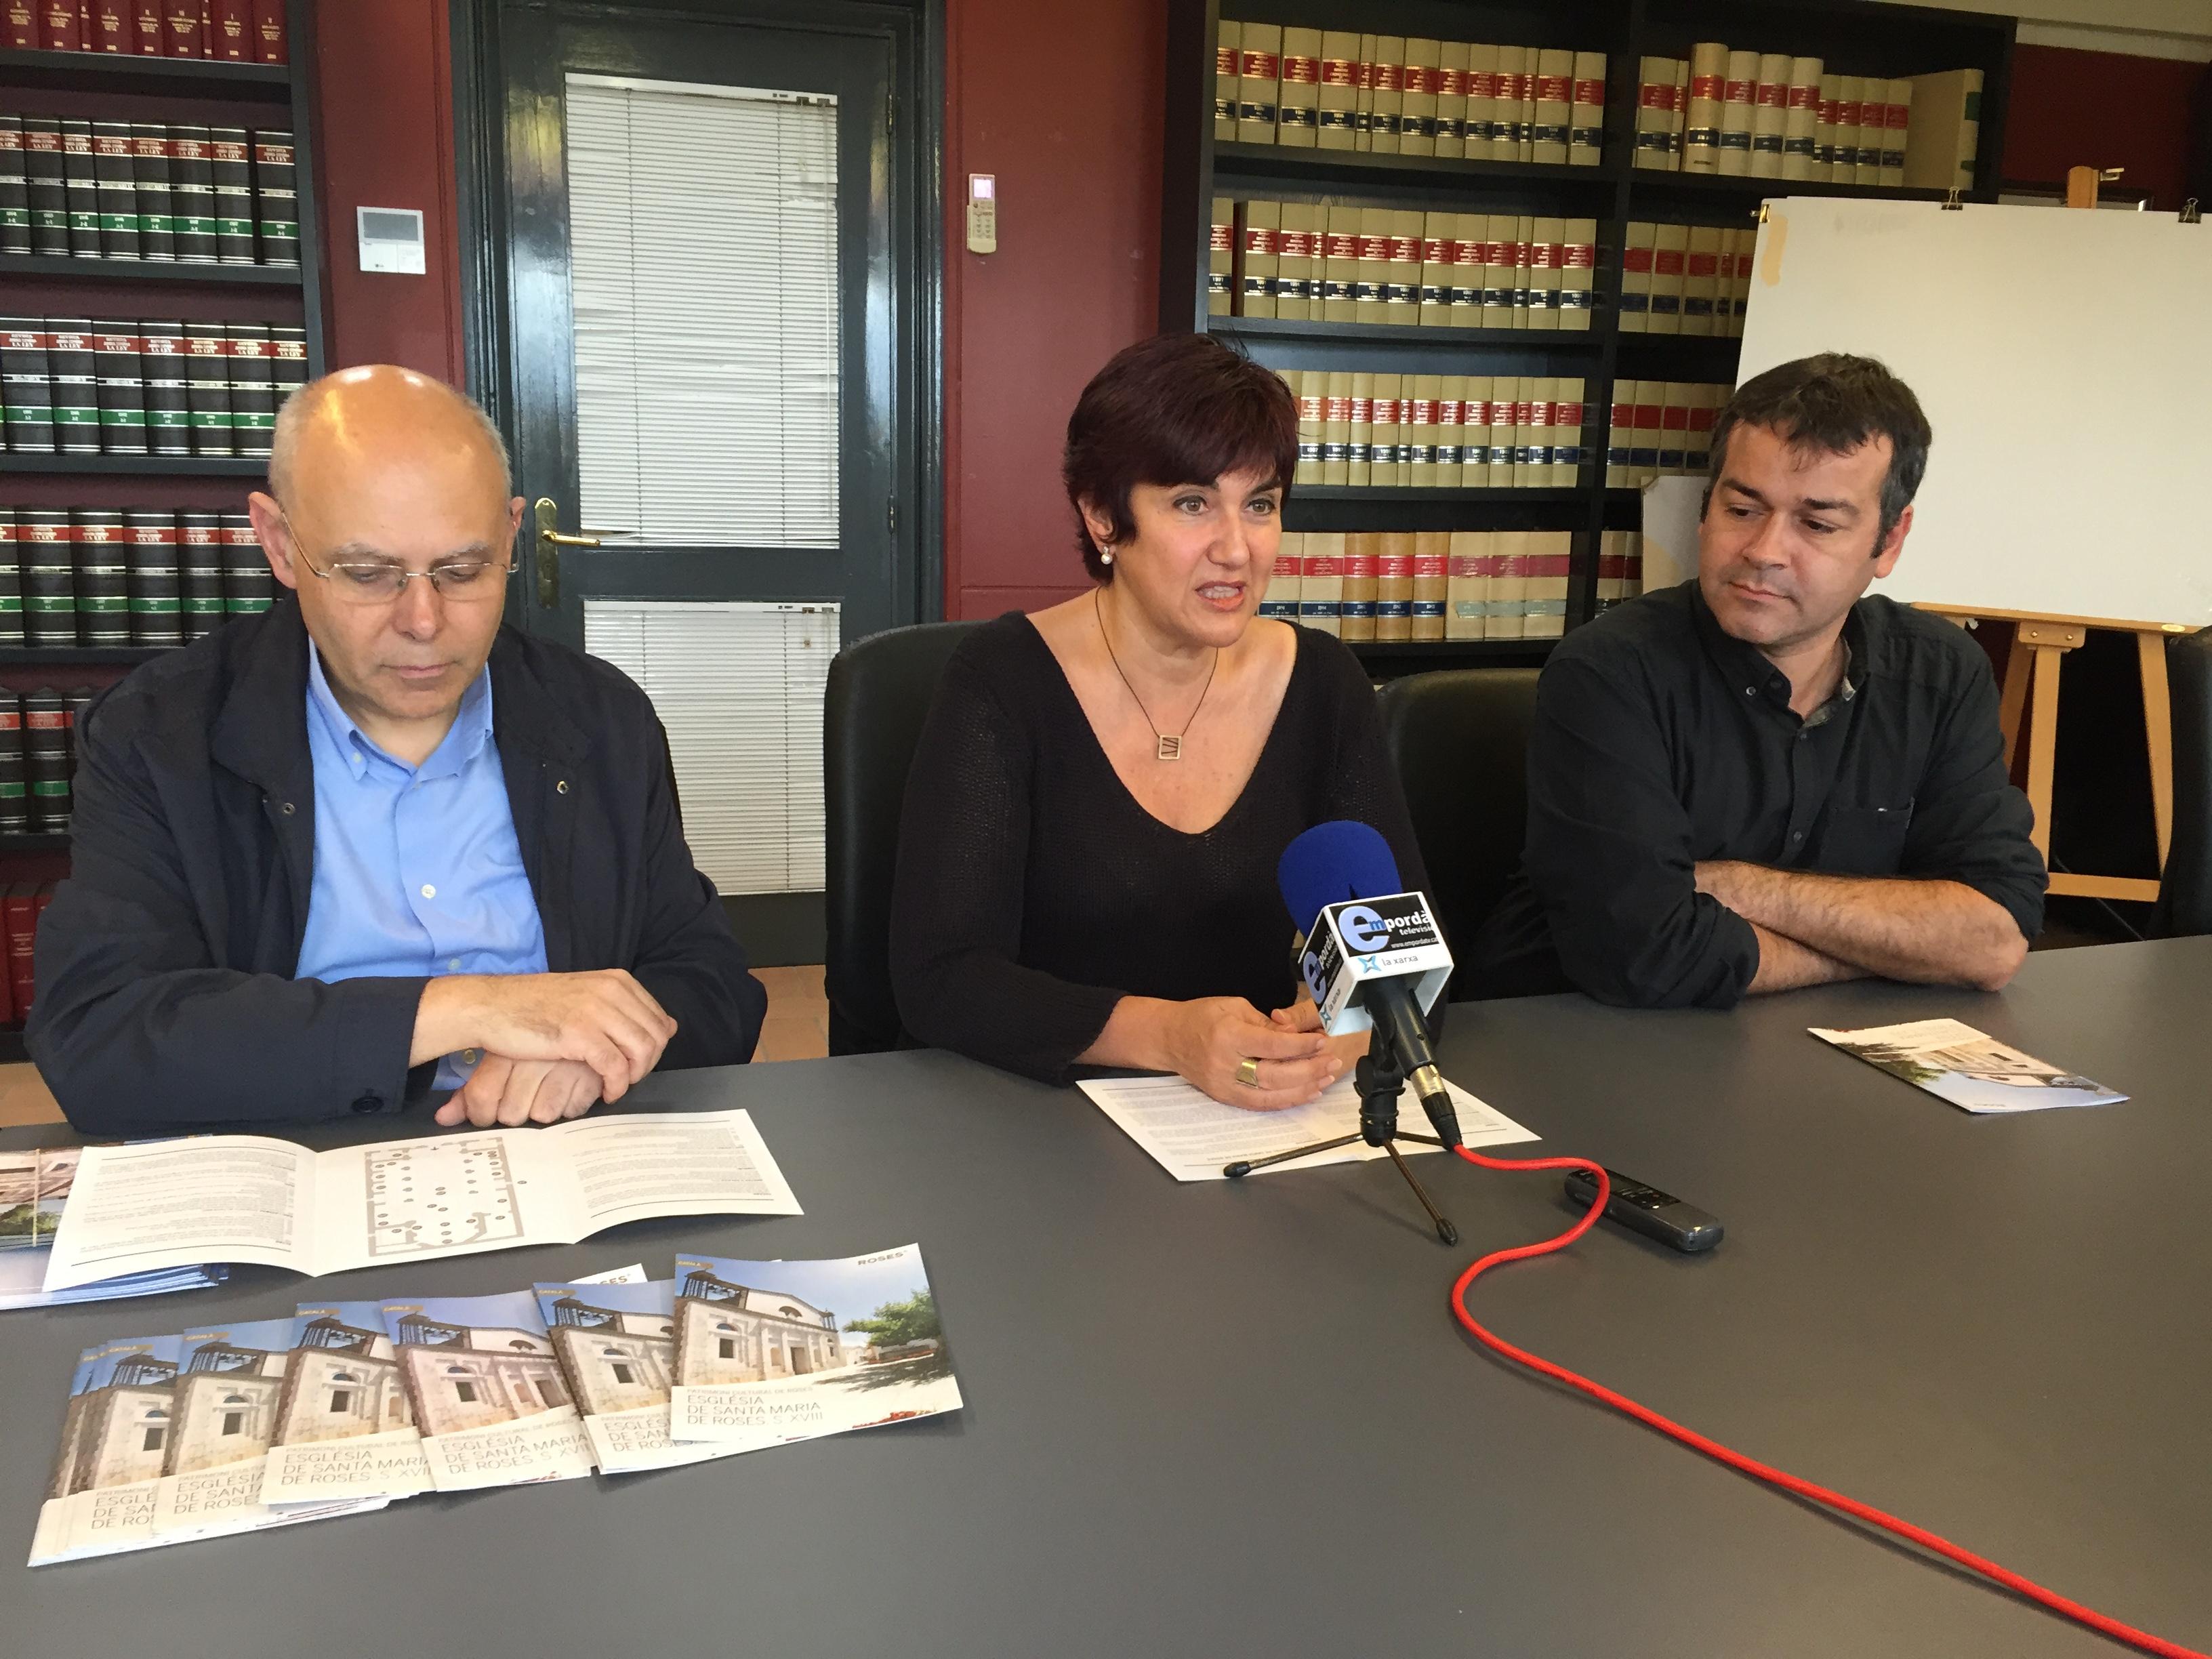 L'Ajuntament edita un tríptic sobre l'església parroquial de Santa Maria de Roses